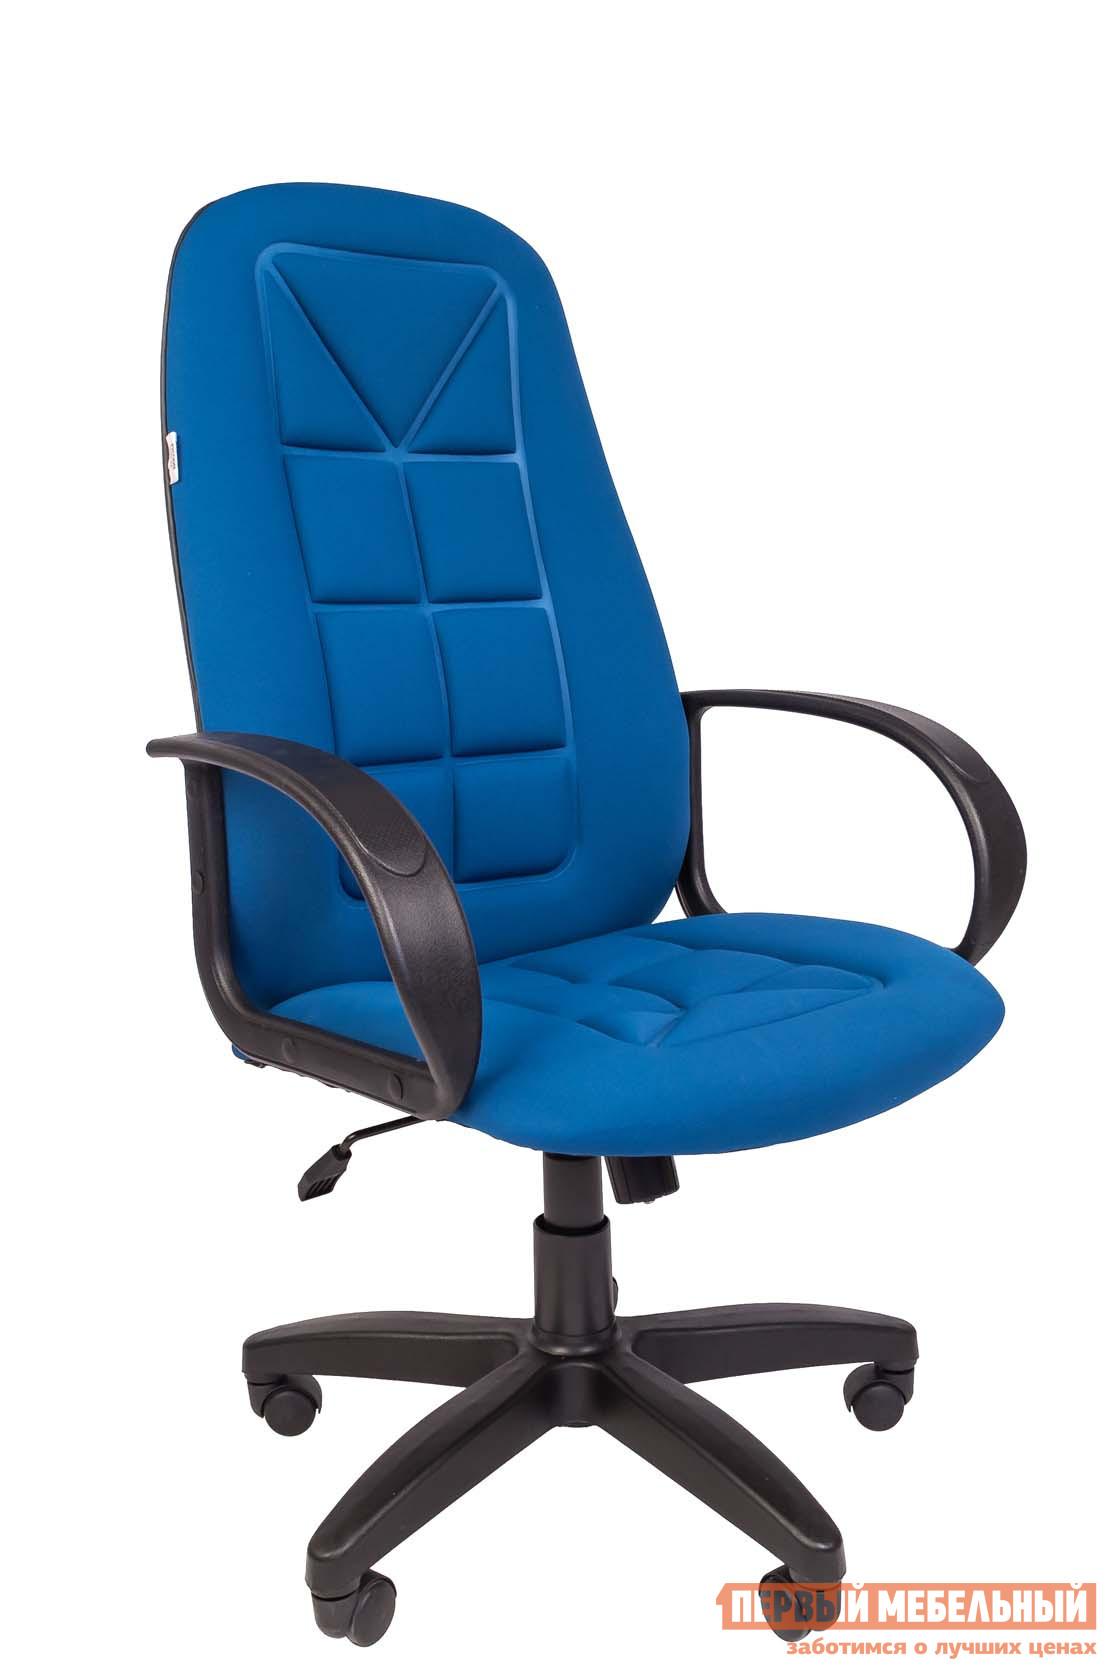 Офисное кресло Русские кресла РК 127 TW / РК 127 SY / РК 127 S офисное кресло русские кресла рк 127 tw рк 127 sy рк 127 s